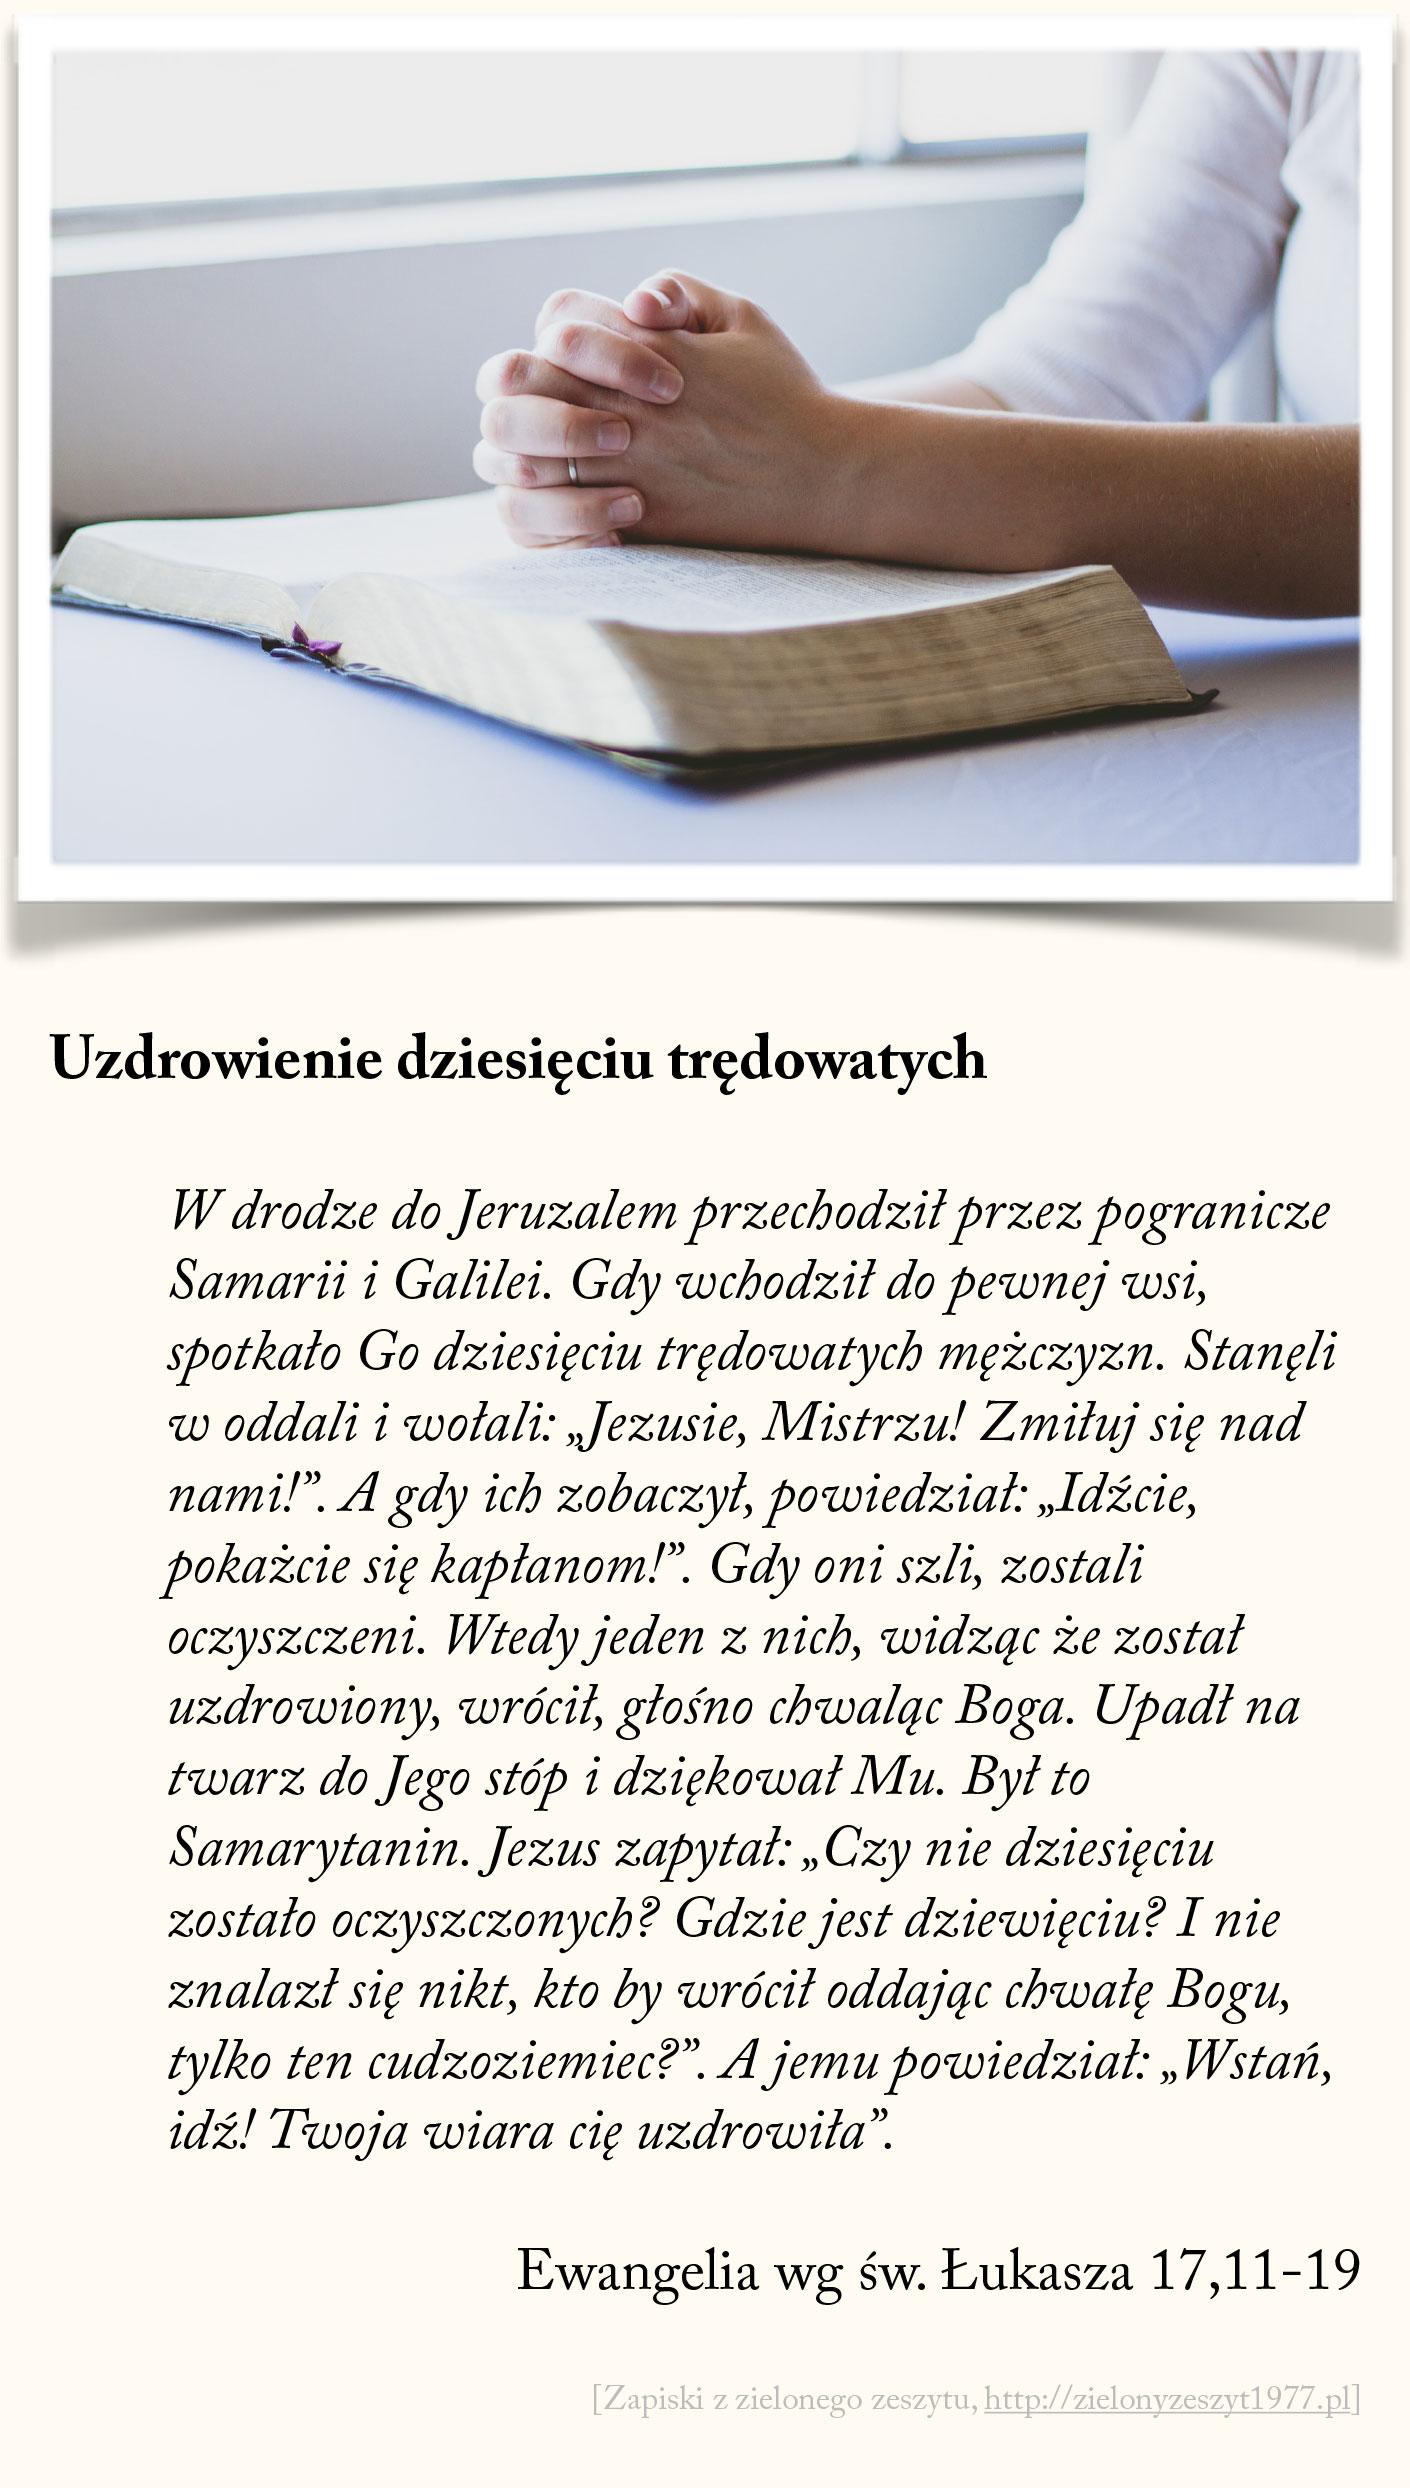 Uzdrowienie dziesięciu trędowatych, Ewangelia wg św. Łukasza